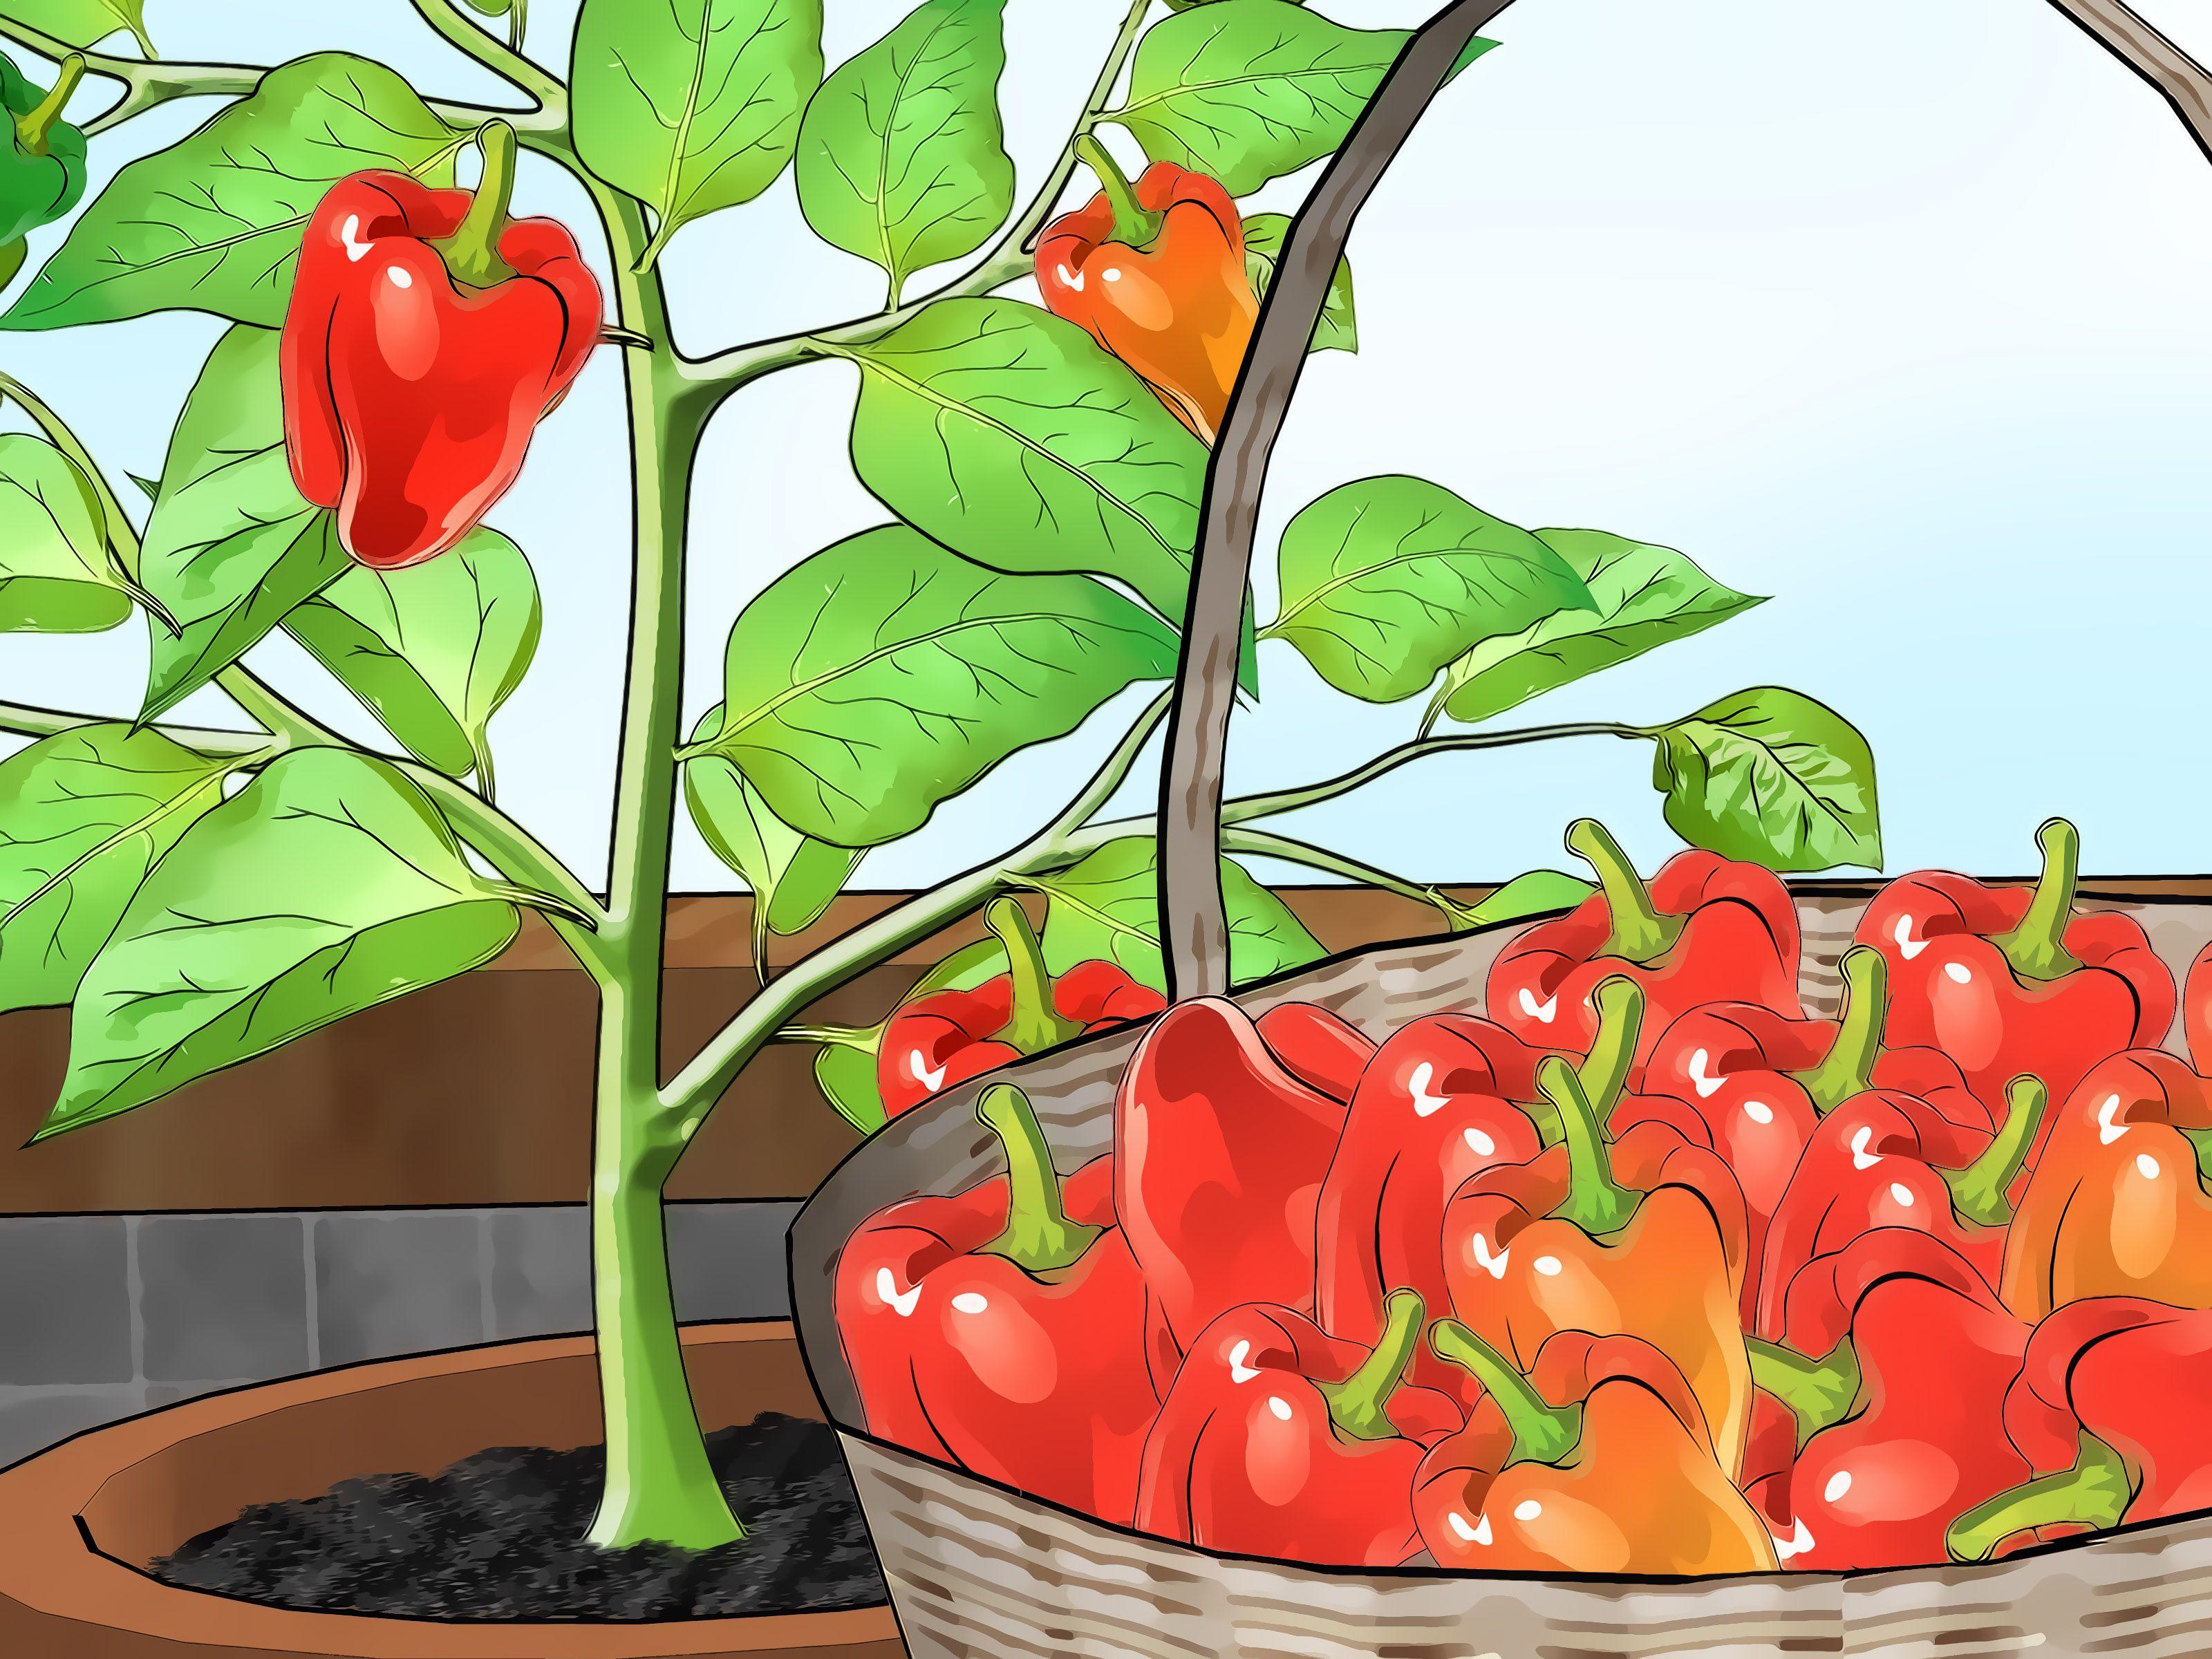 Grow Bell Peppers Indoors Indoor Vegetable Gardening 640 x 480